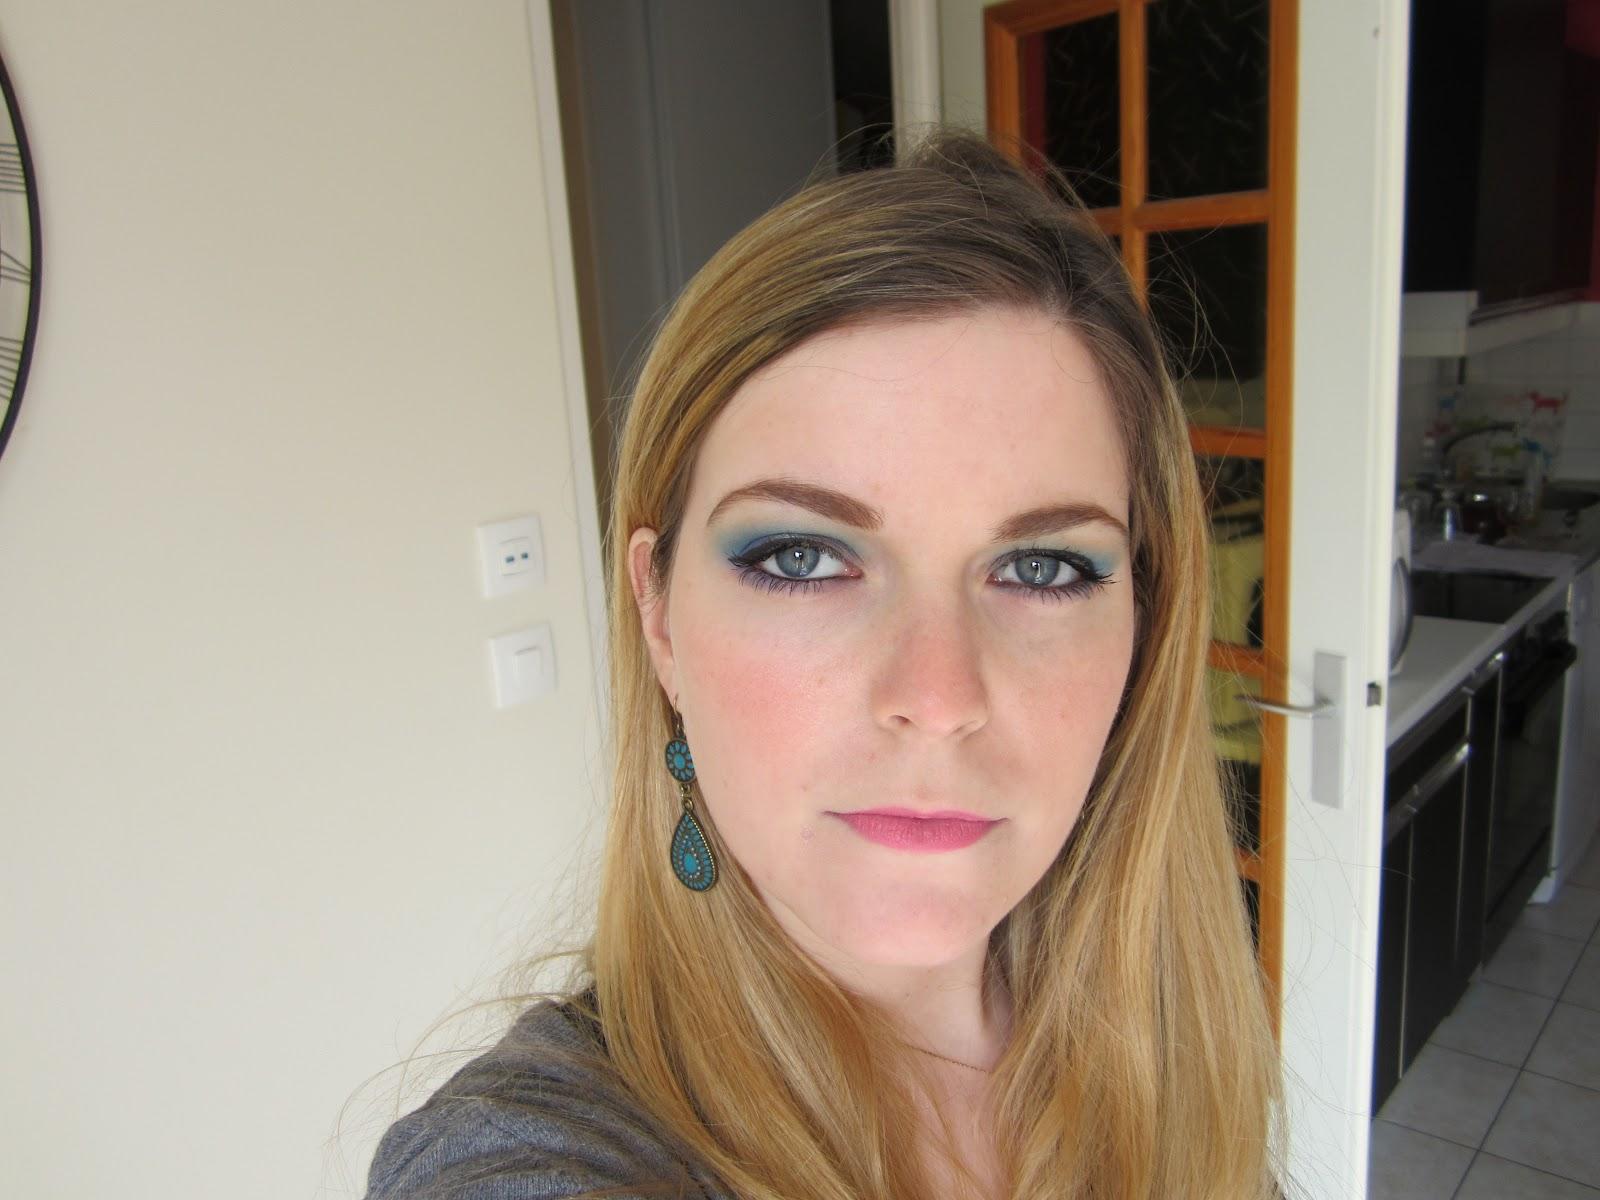 Juste avant daller chez le coiffeur. Désolée, jai oublié de prendre une vraie photo pour comparer.